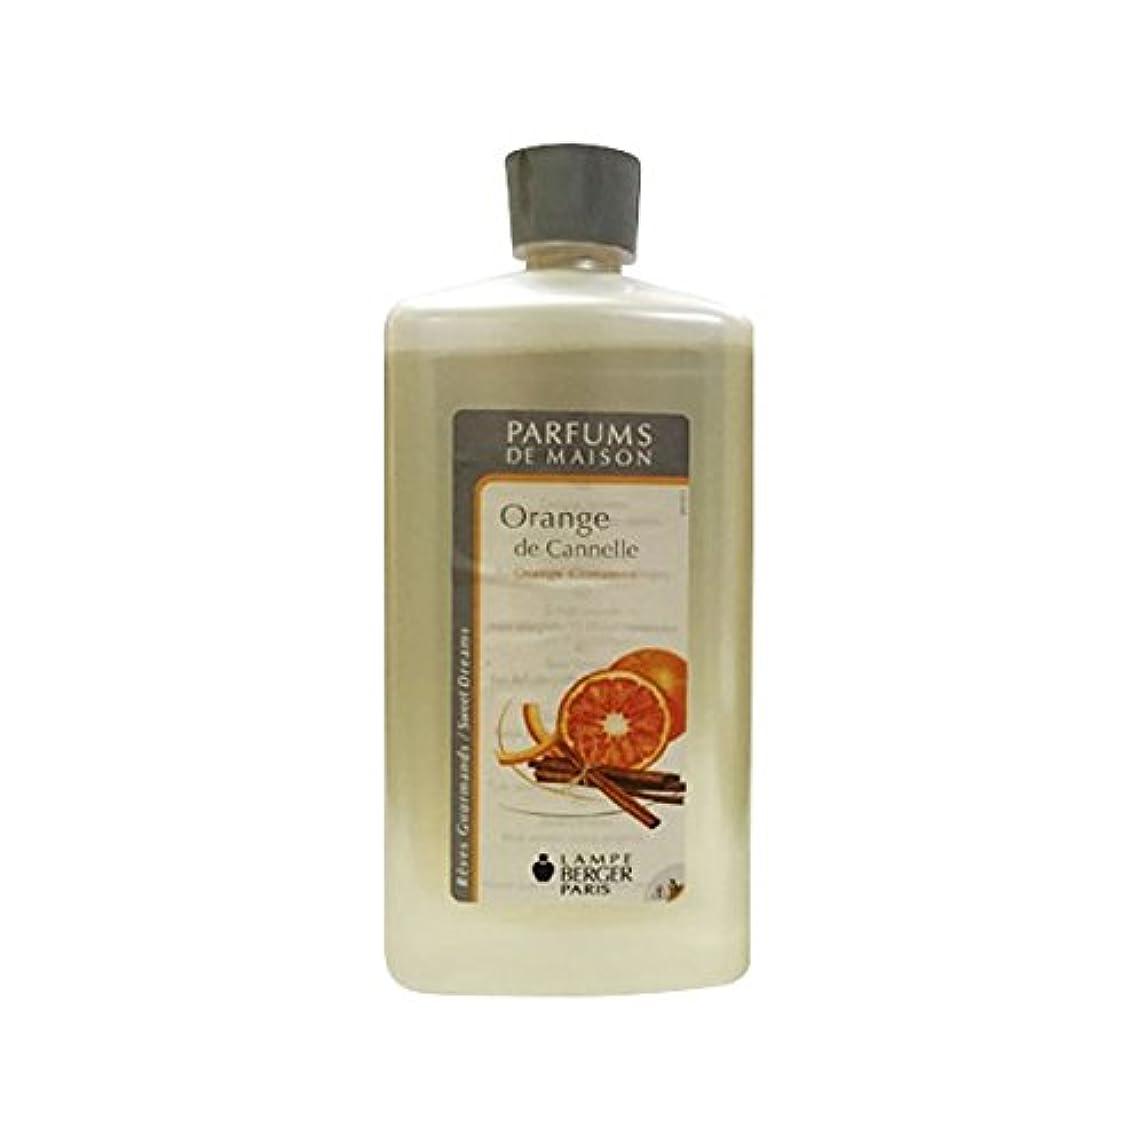 ライラック可能性納屋ランプベルジェオイル(オレンジシナモン)Orange de Cannelle / Orange Cinnamon